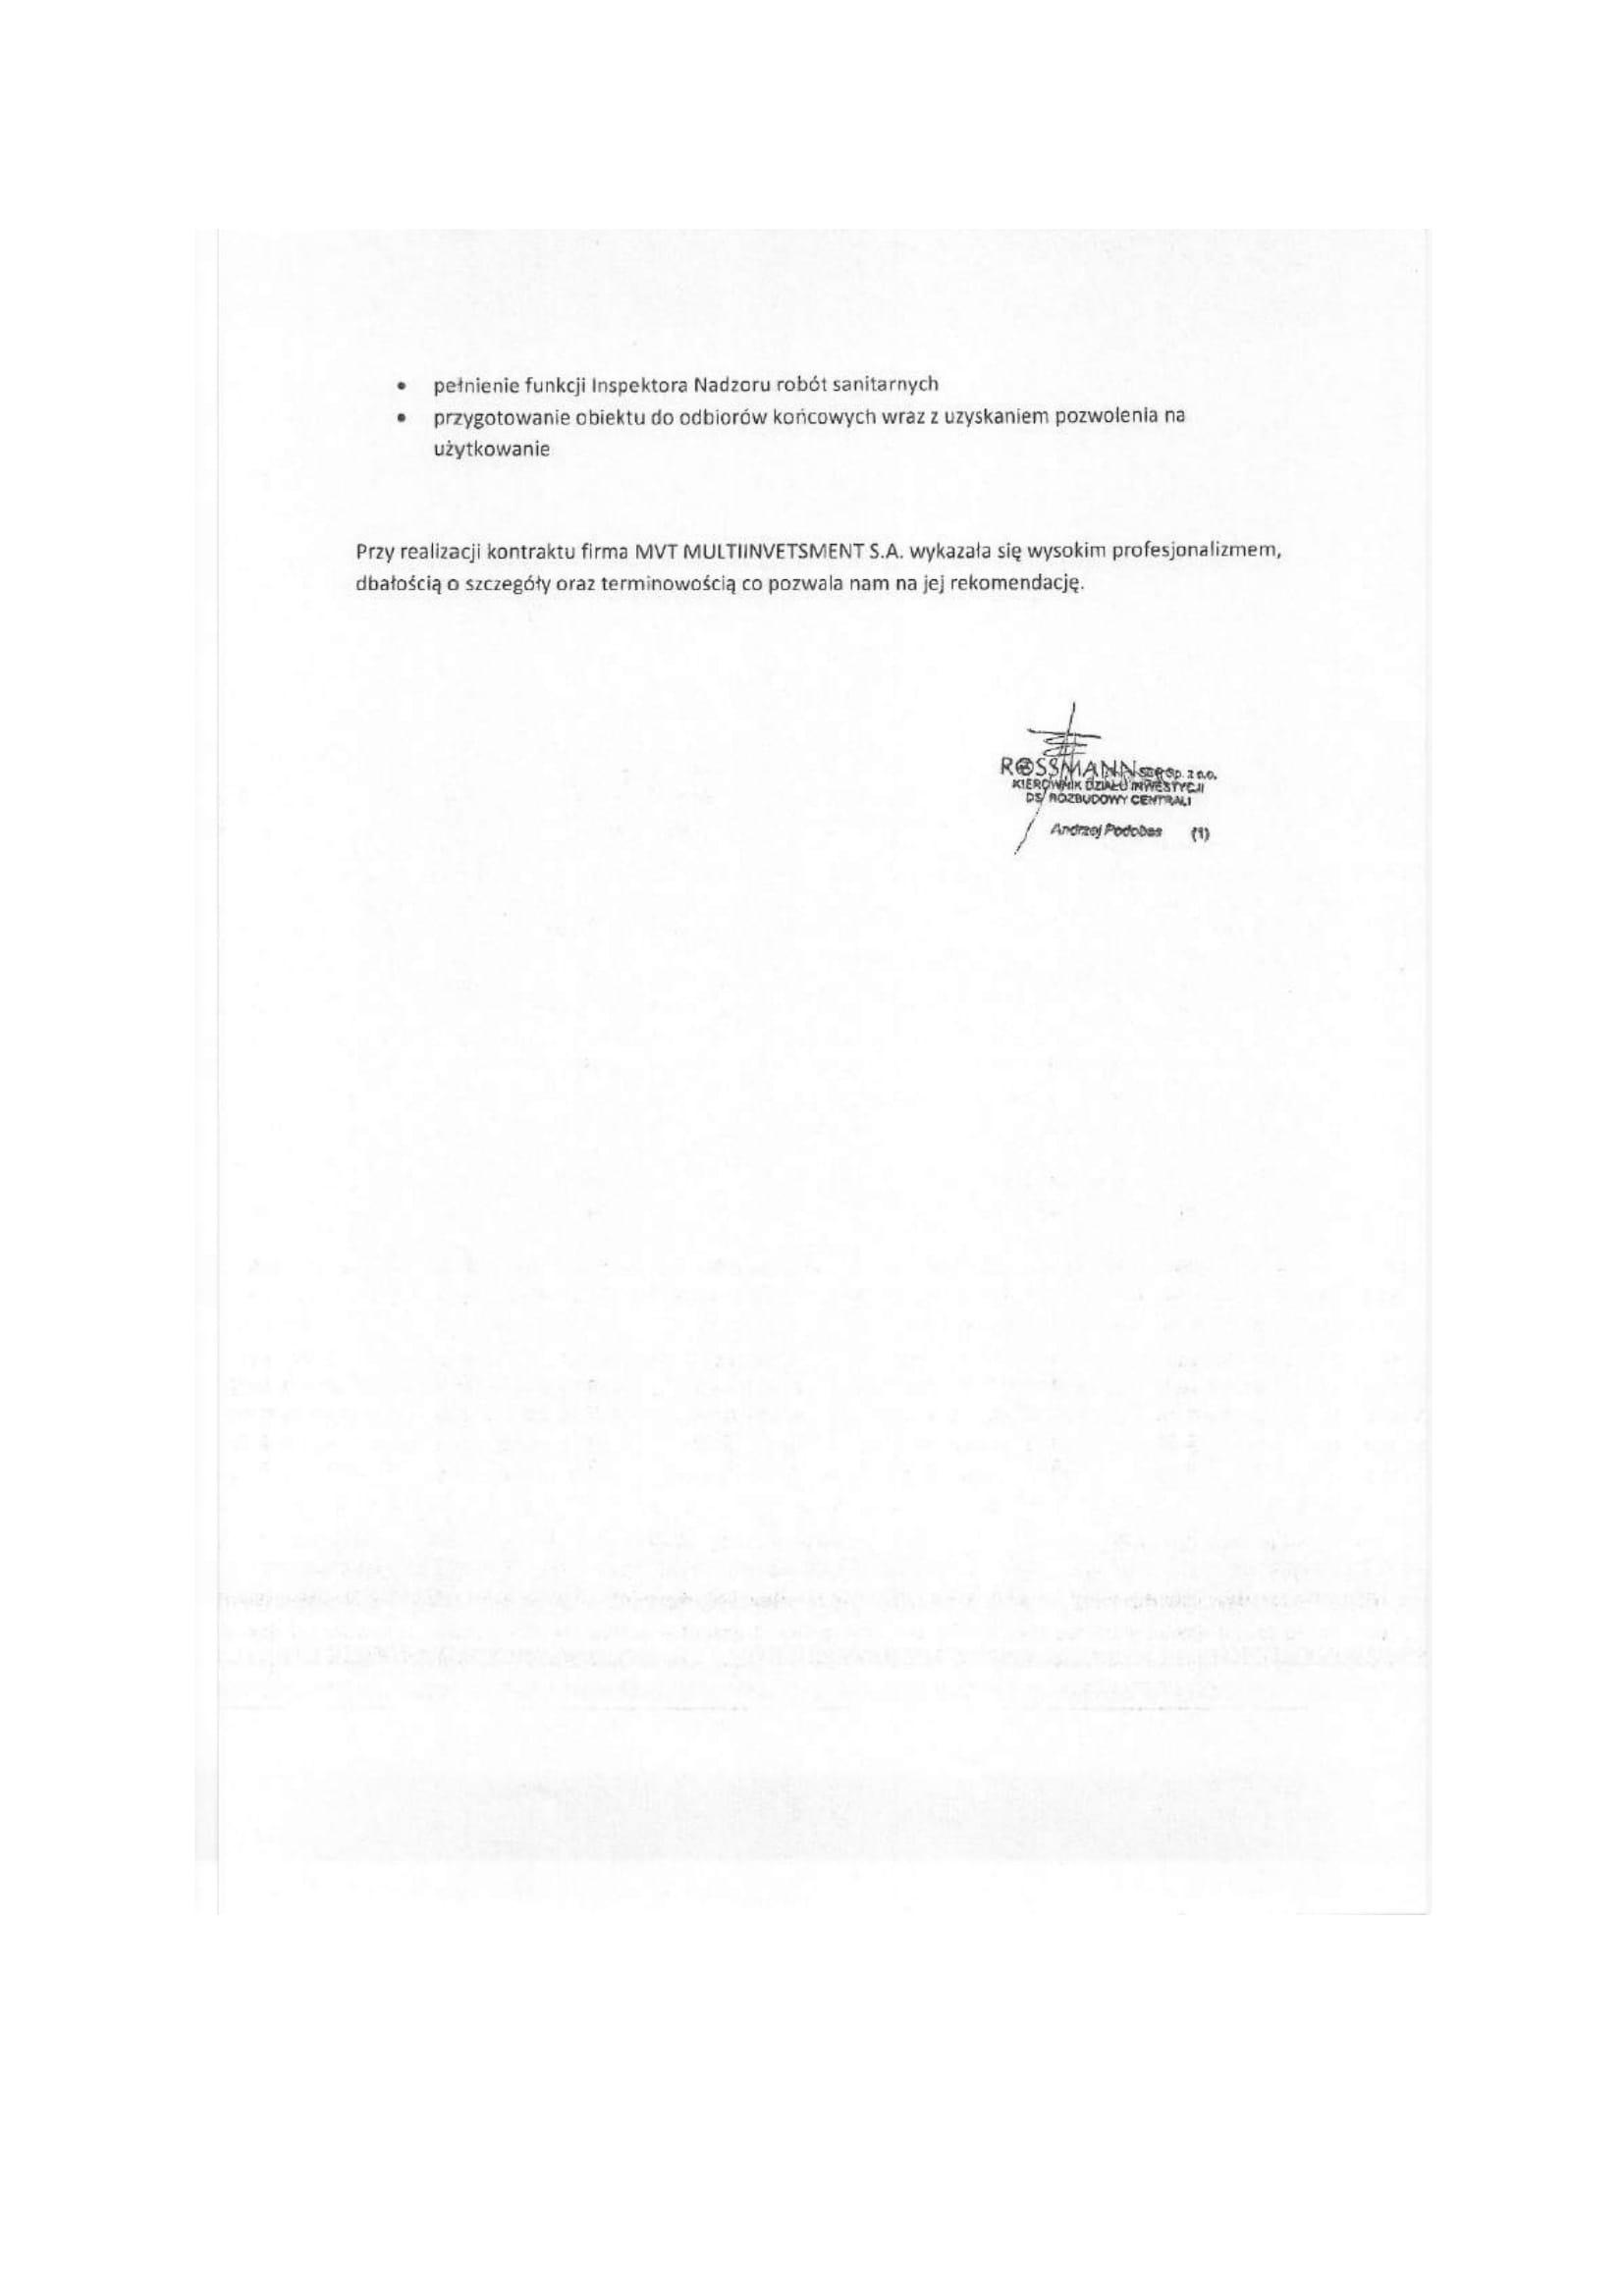 Referencje_mvt_rossmann (2)